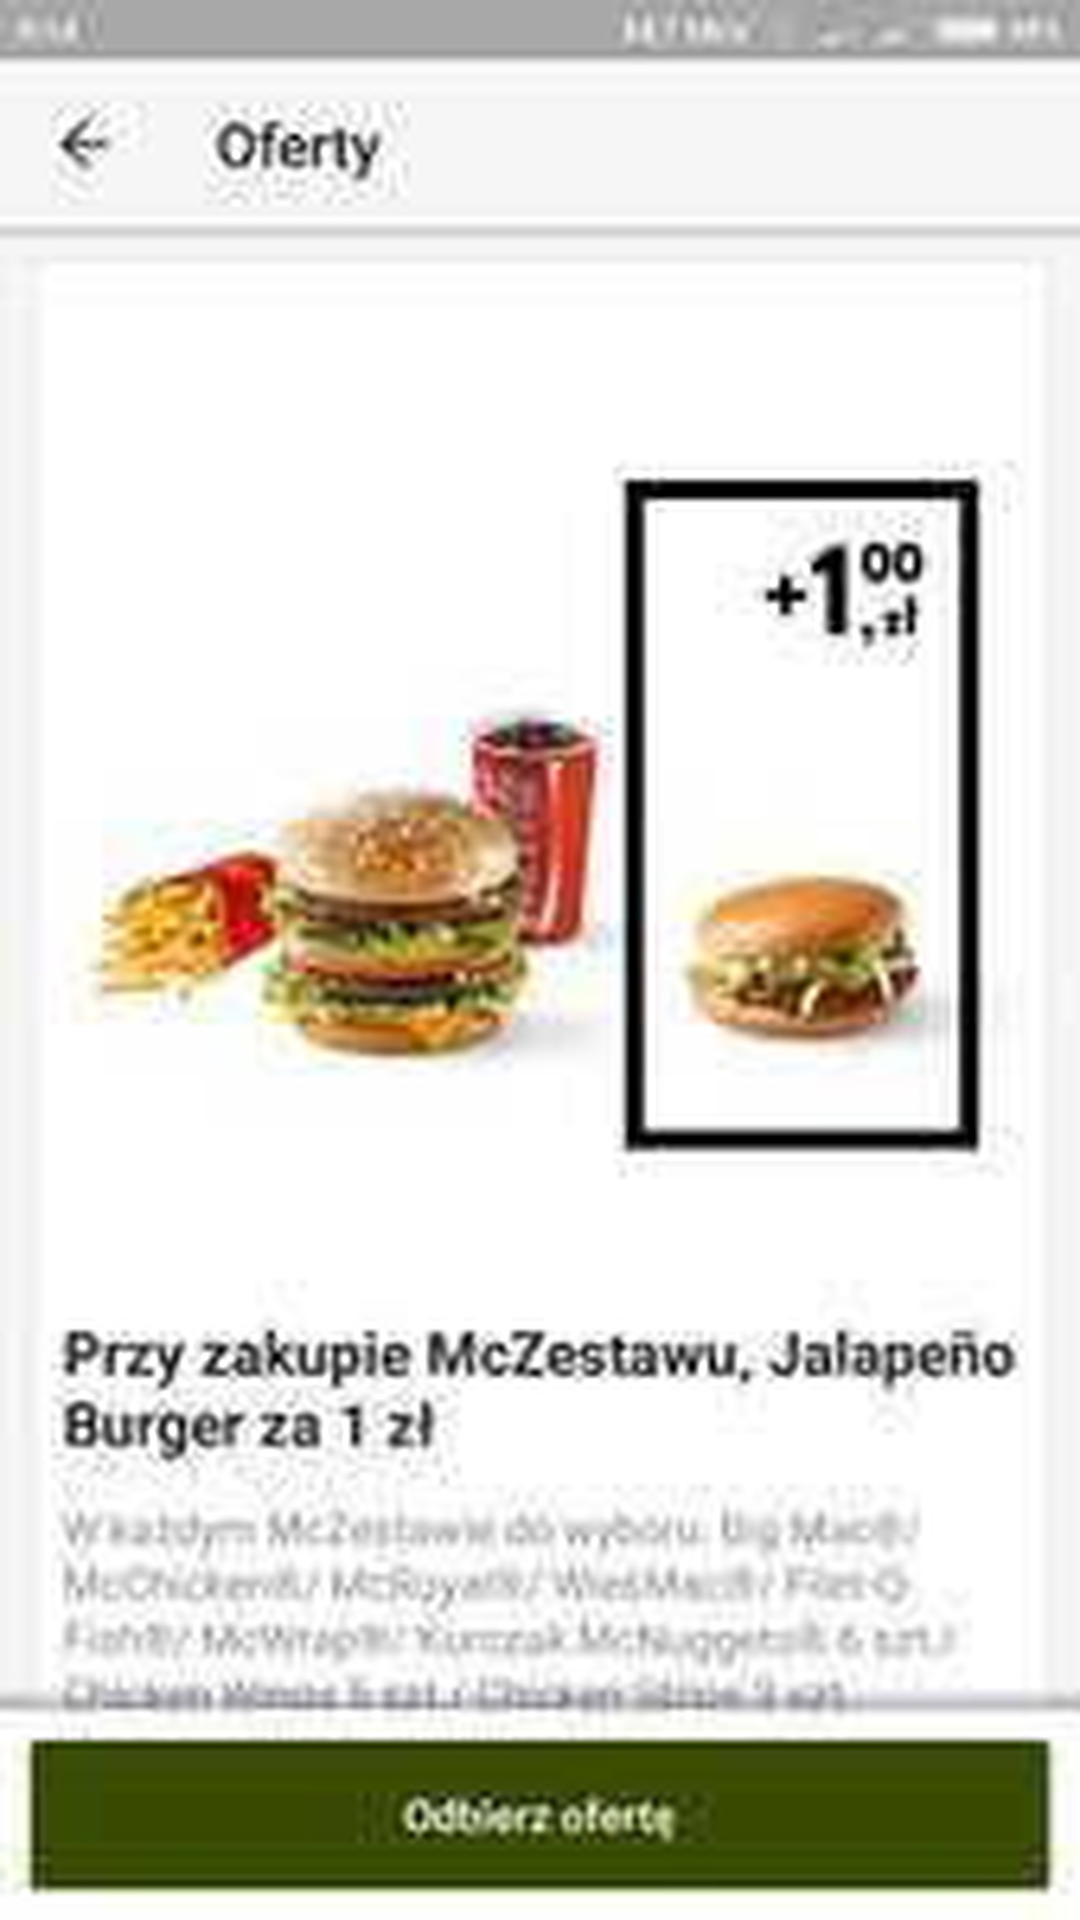 McDonald's przy zakupie mc zestawu jalapeno burger za 1zl.